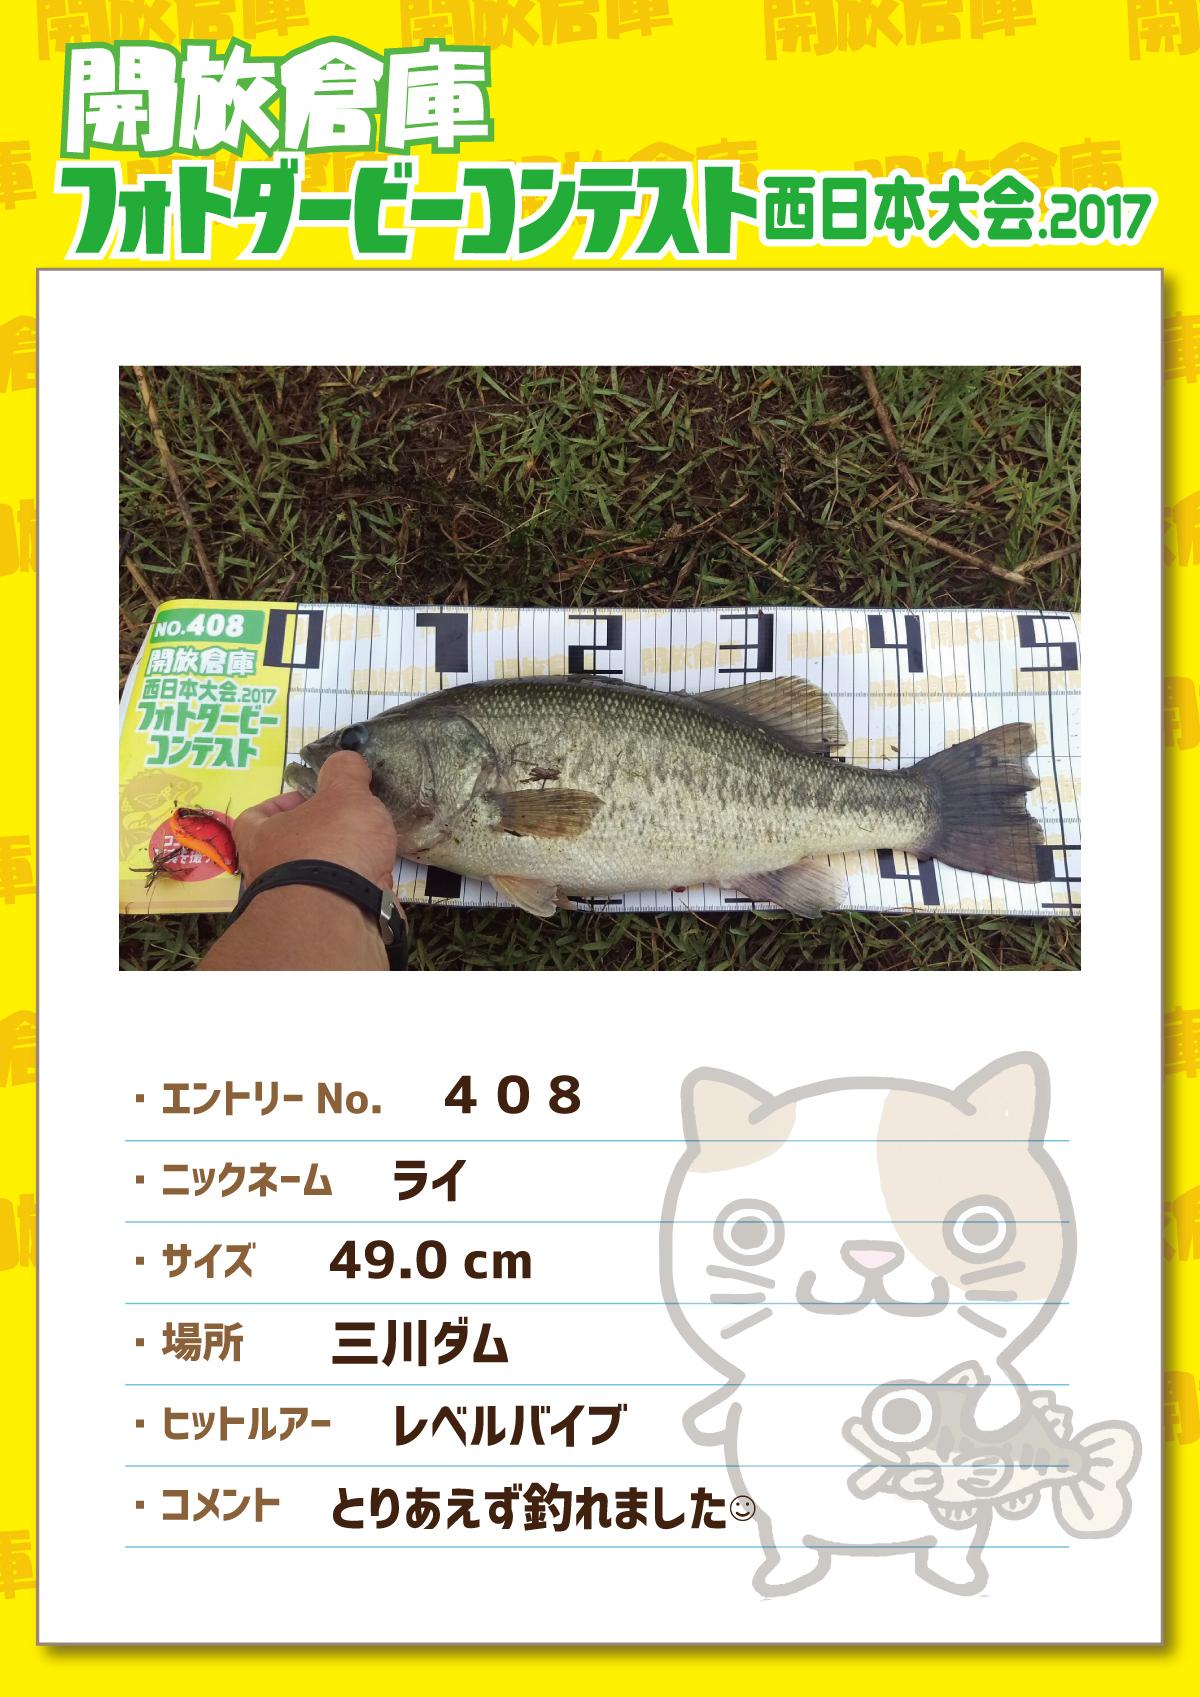 No.408 ライ 49.0cm 三川ダム レベルバイブ とりあえず釣れました